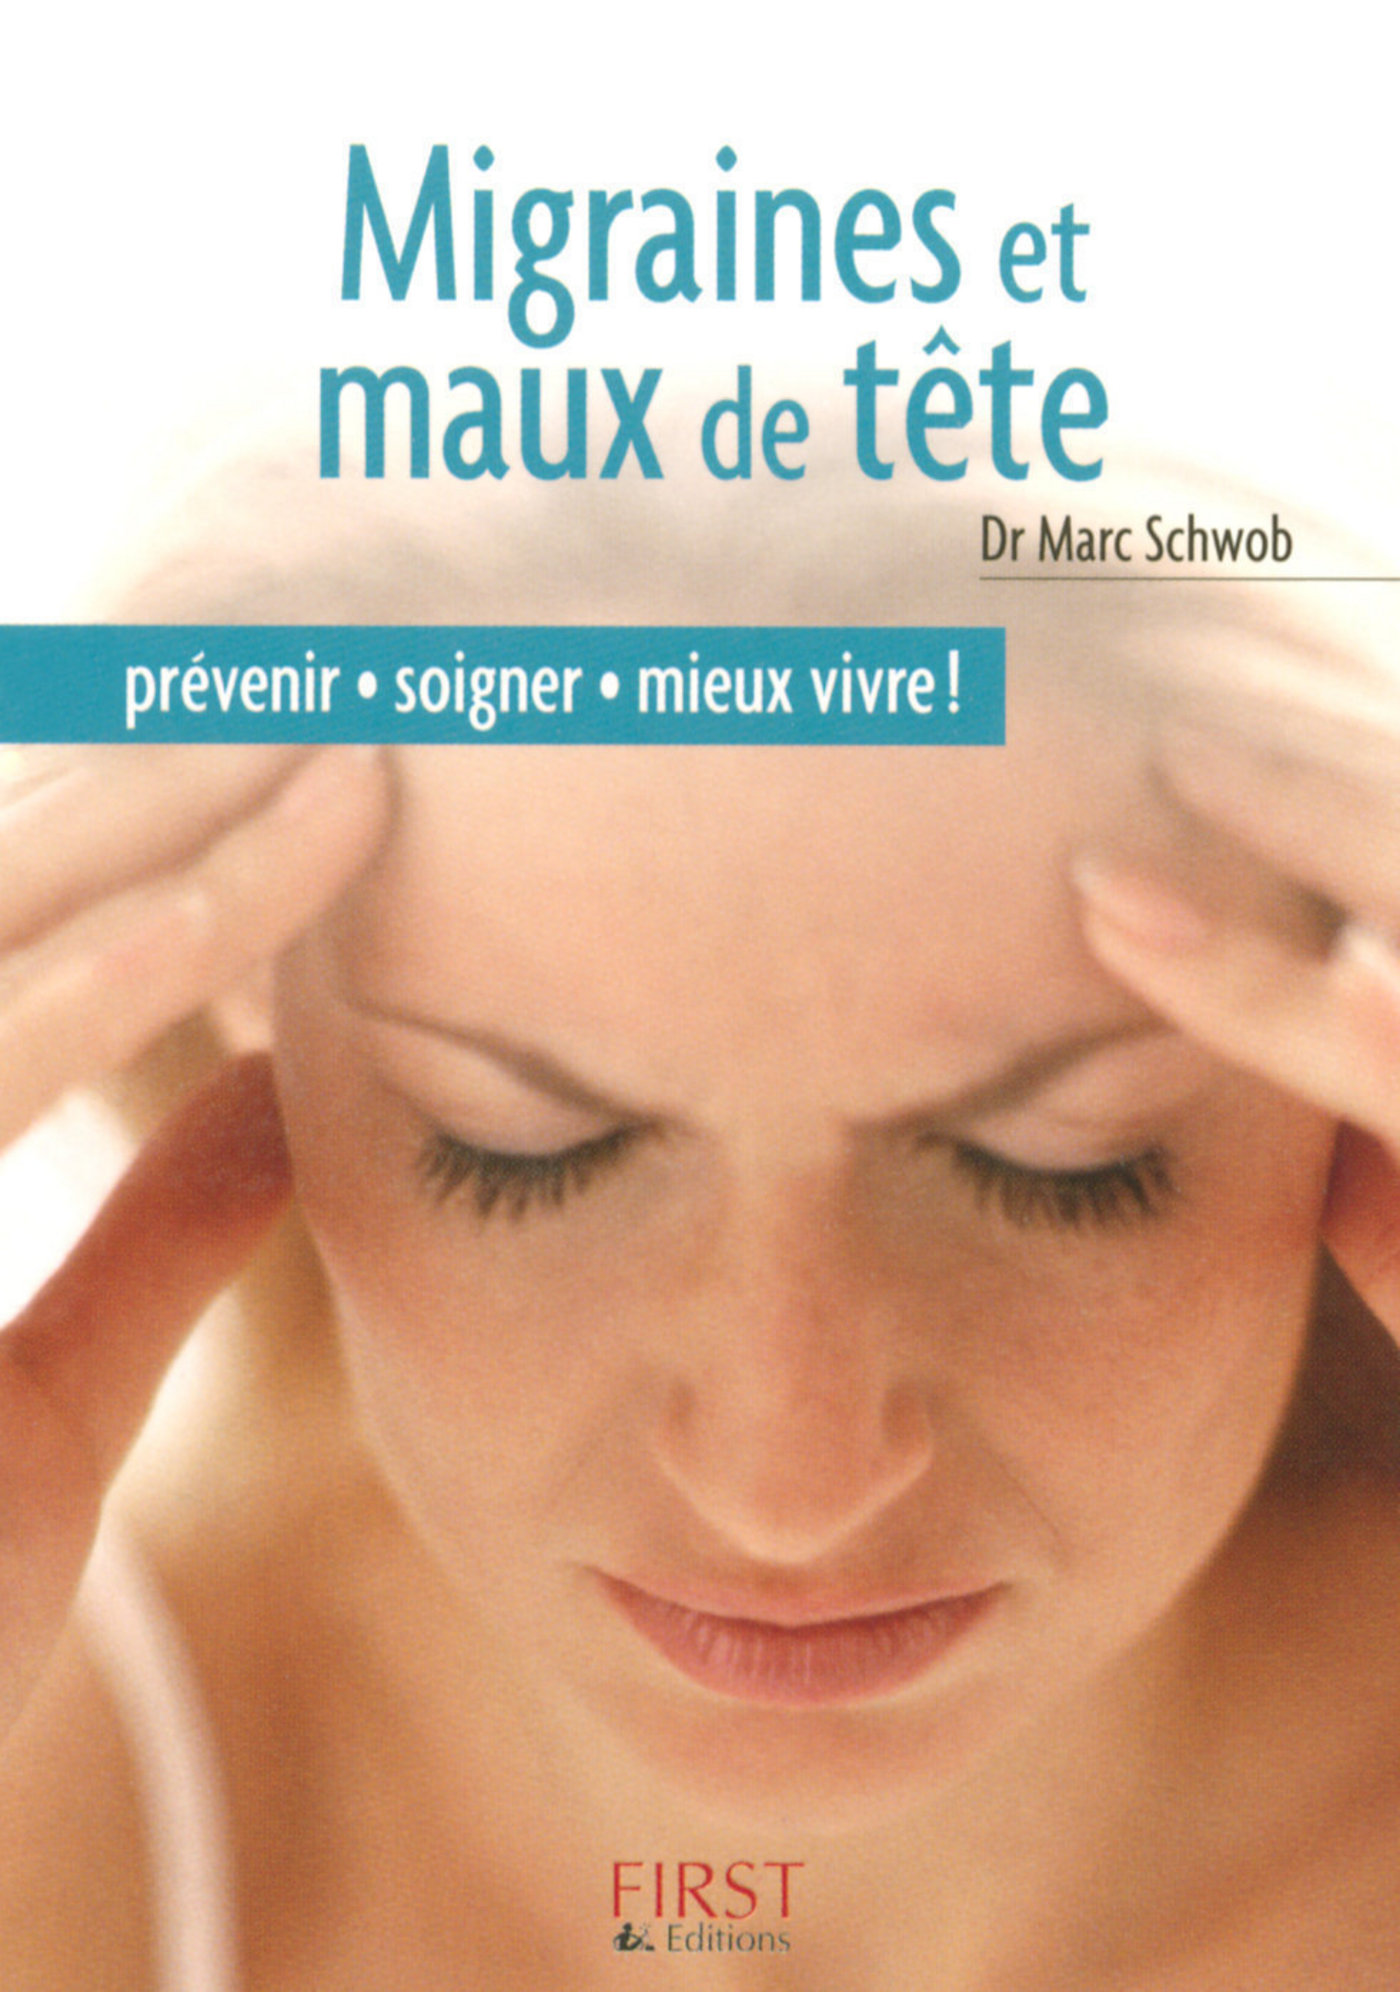 Petit livre de - Migraines et maux de tête (ebook)